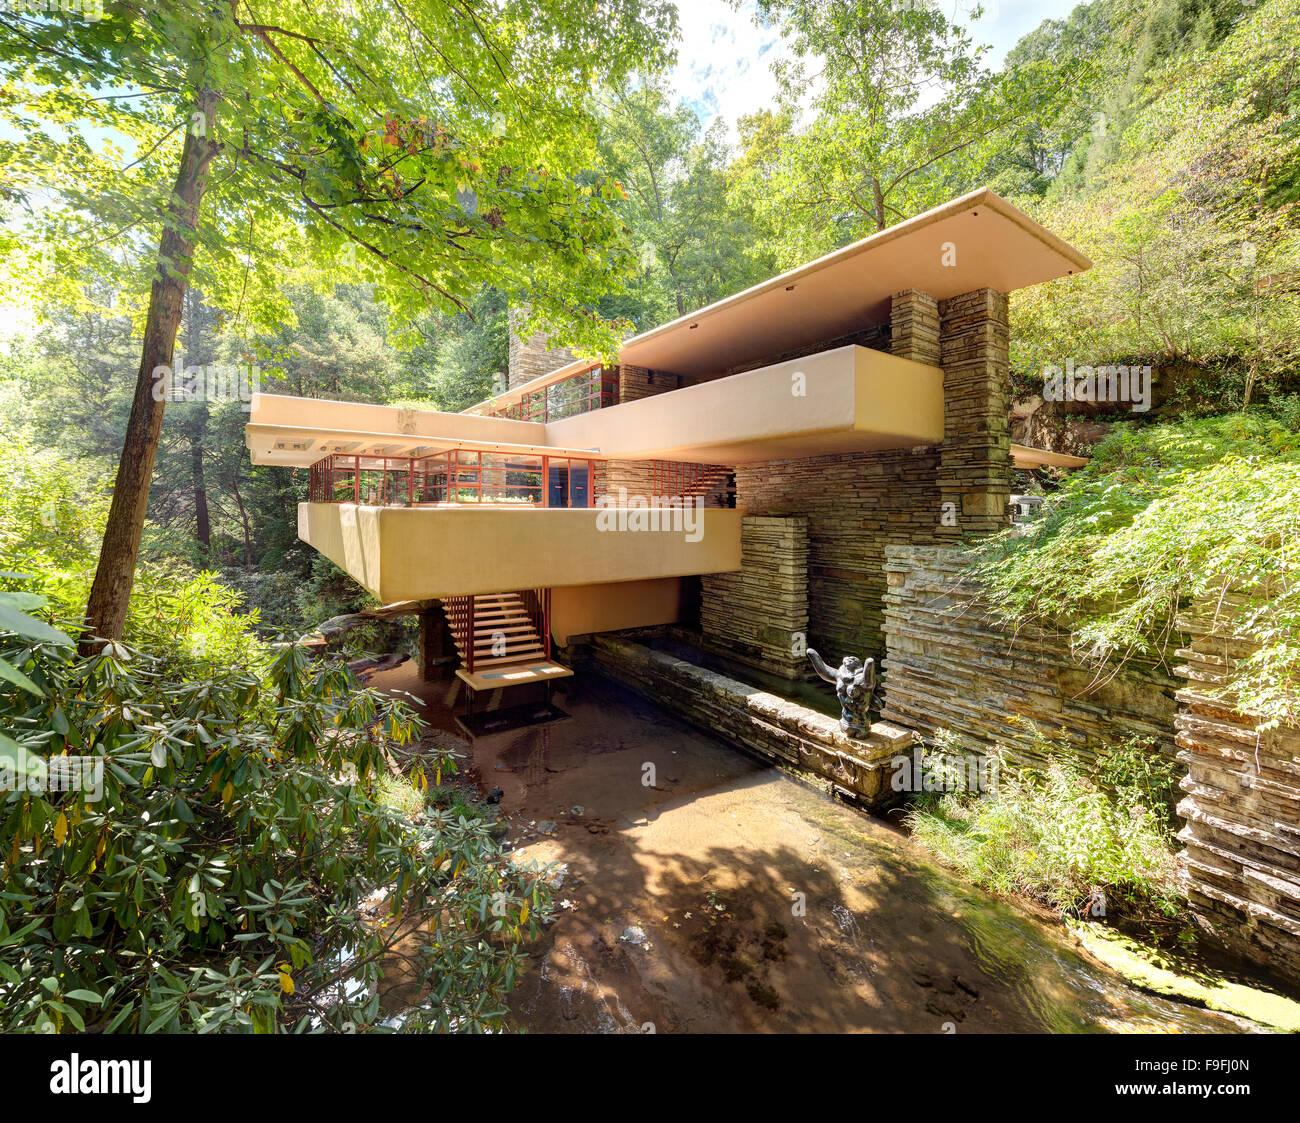 Fallingwater oder Kaufmann Residenz aka Falling Water ist ein Haus von Frank Lloyd Wright. Stockbild